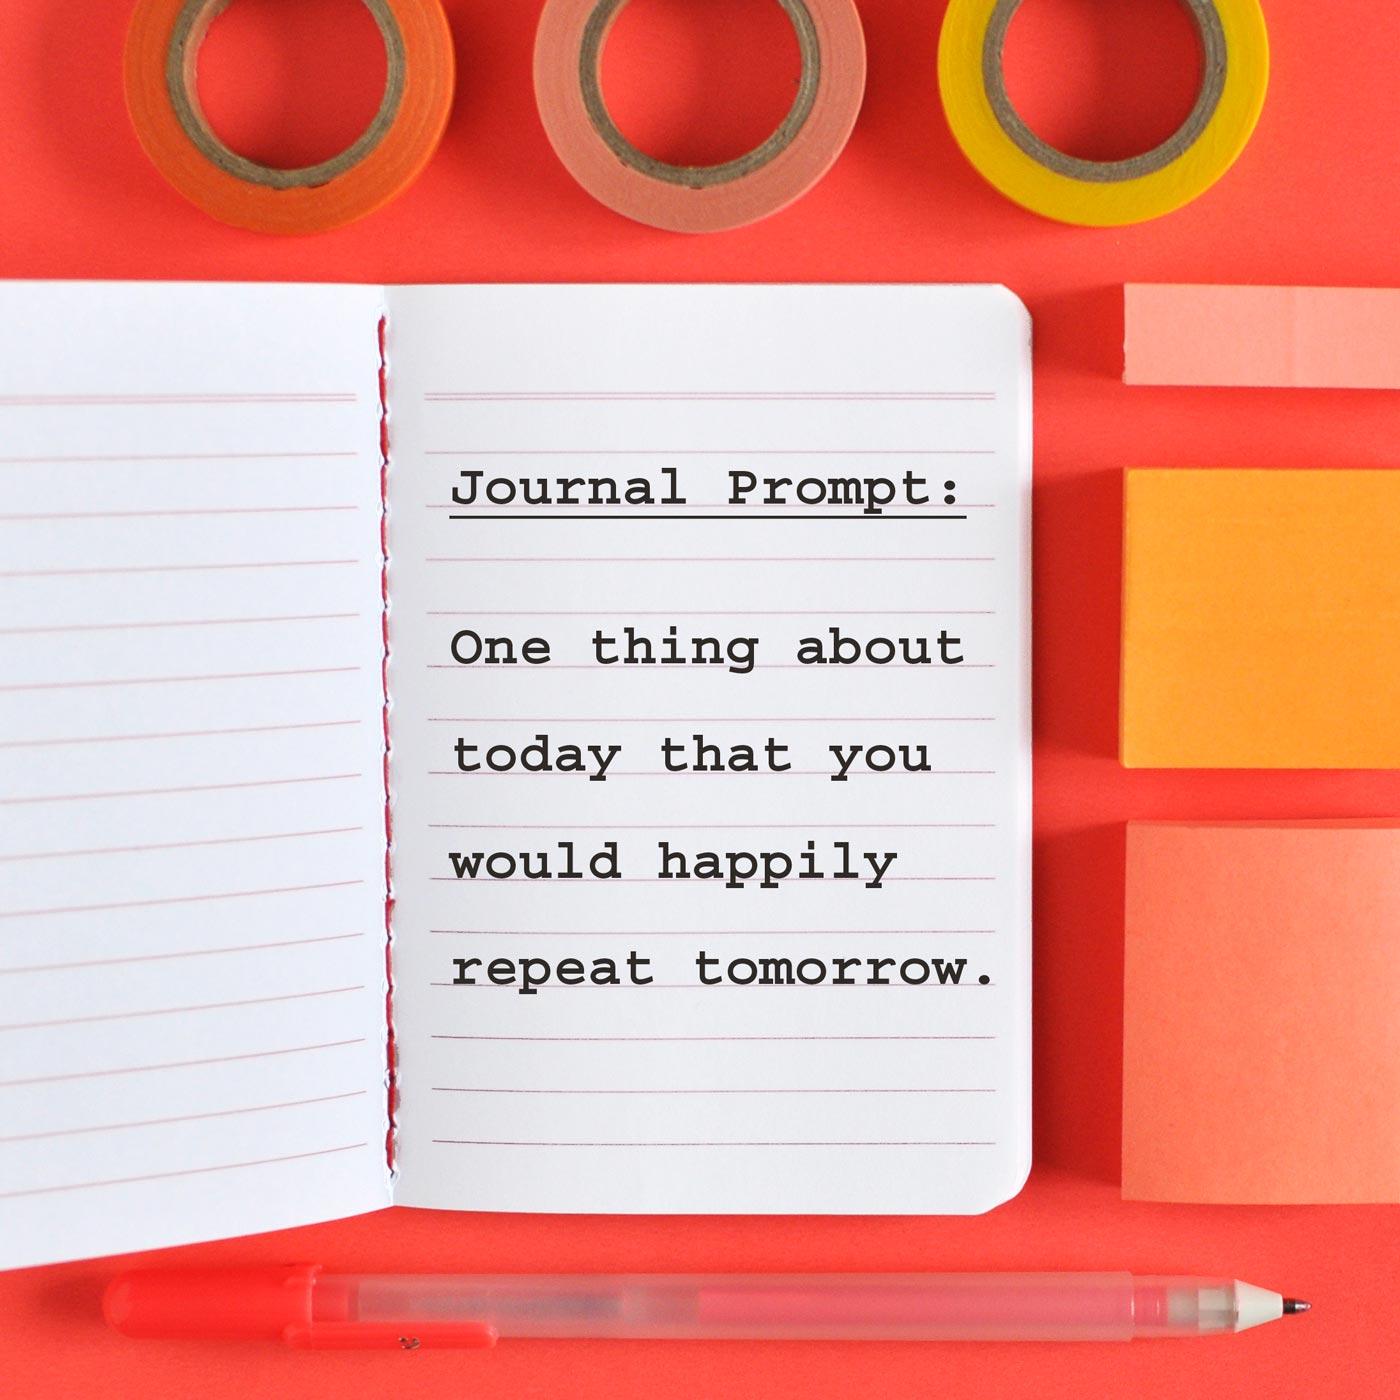 18-12-2017-Journal-Prompt-by-Christie-Zimmer.jpg